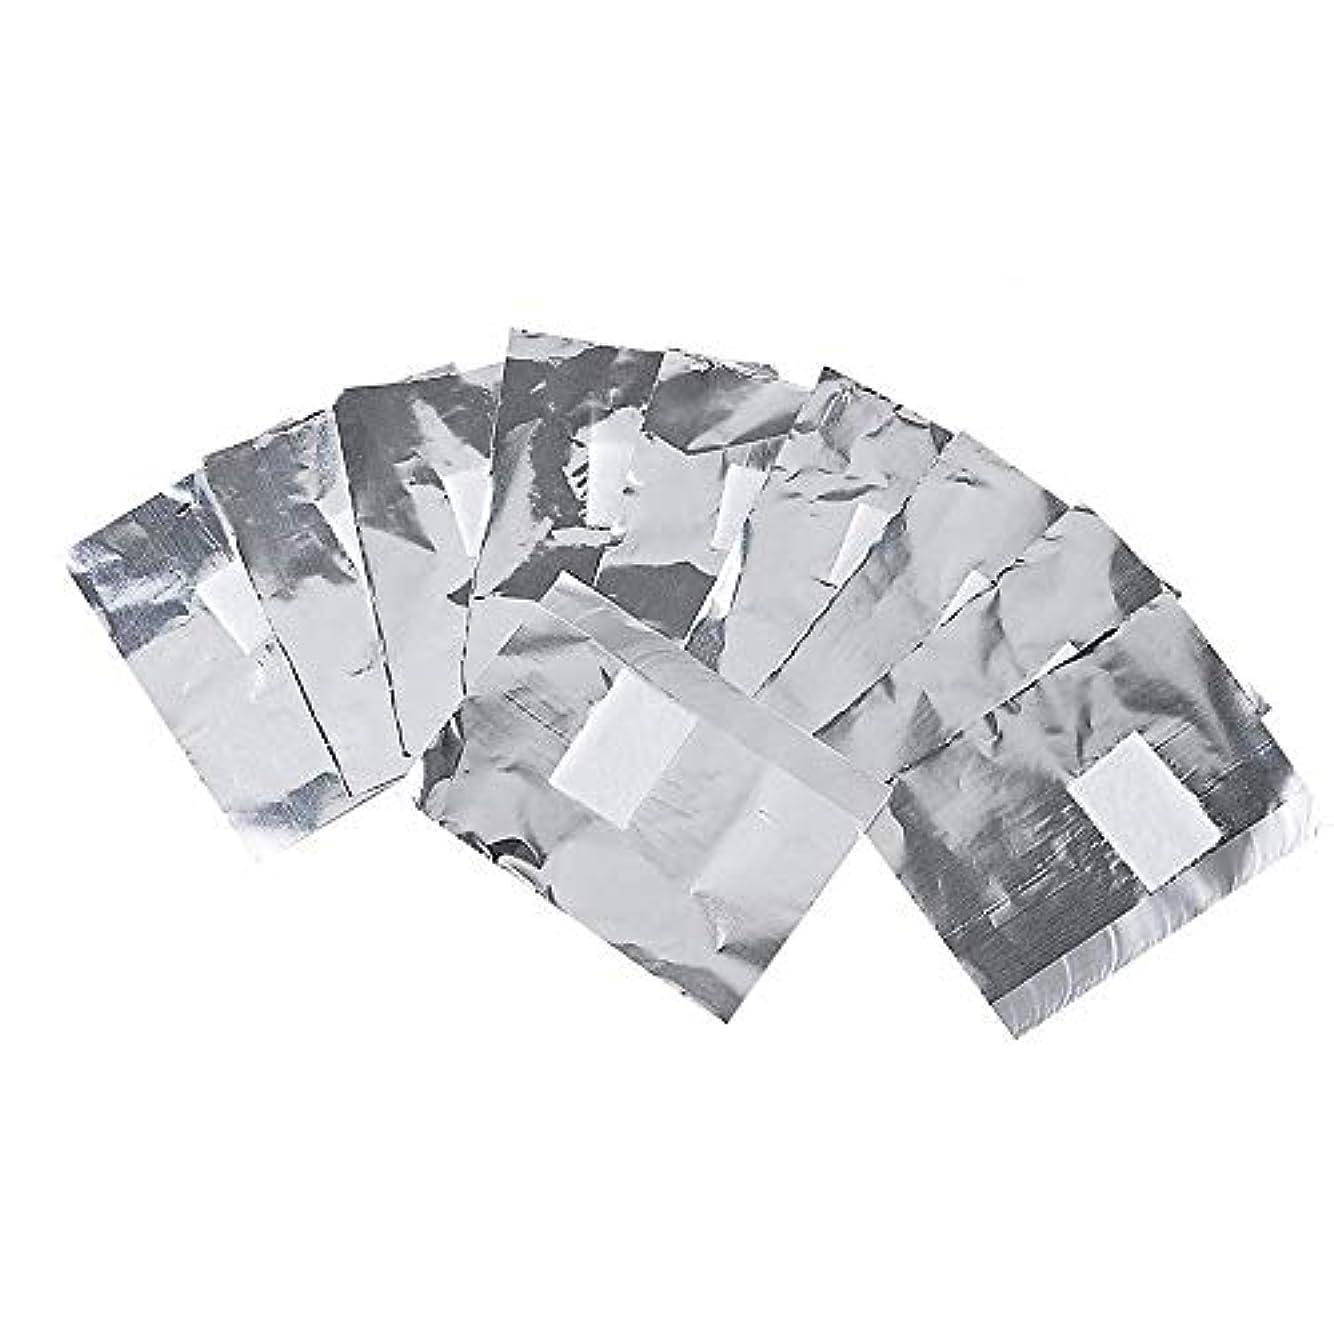 一般雑品ペデスタル200本セットジェル 使い捨て コットン付きアルミホイルジェルネイル オフ ネイル ネイルオフ用ピーラー